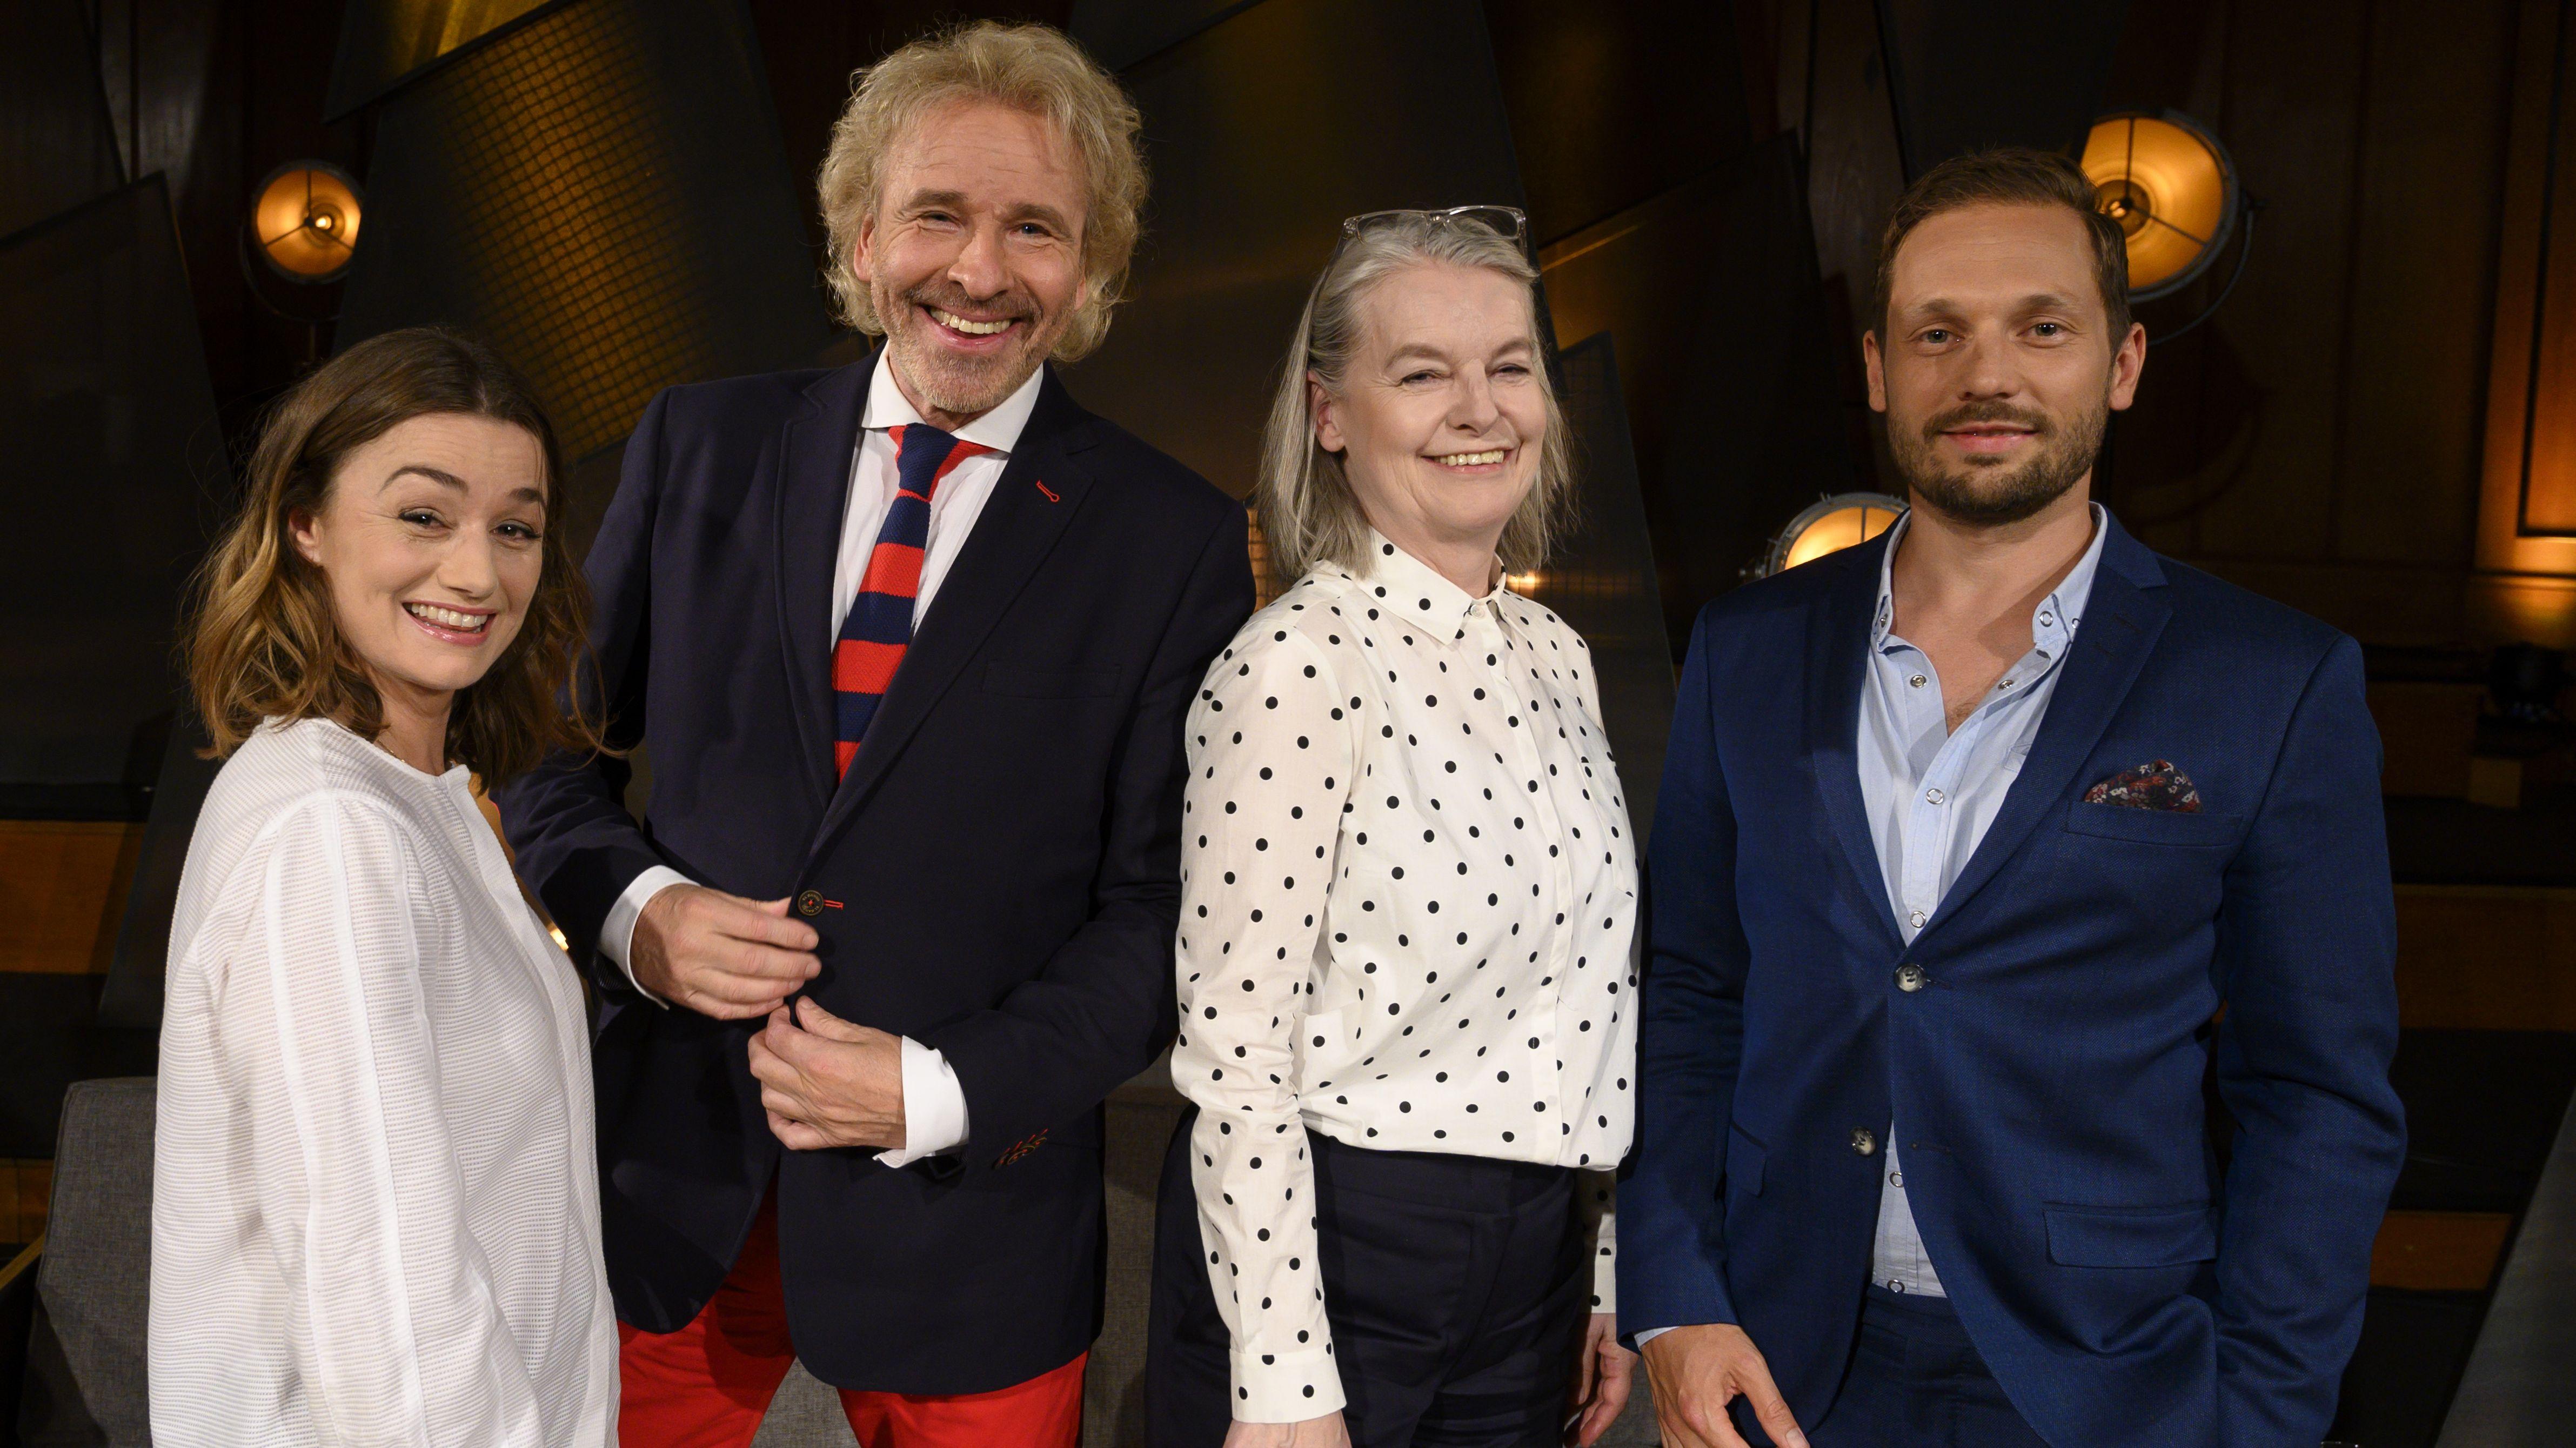 Die Gäste der Büchersendung mit Thomas Gottschalk: Johanna Ardorján, Marlene Streeruwitz und Friedemann Karig